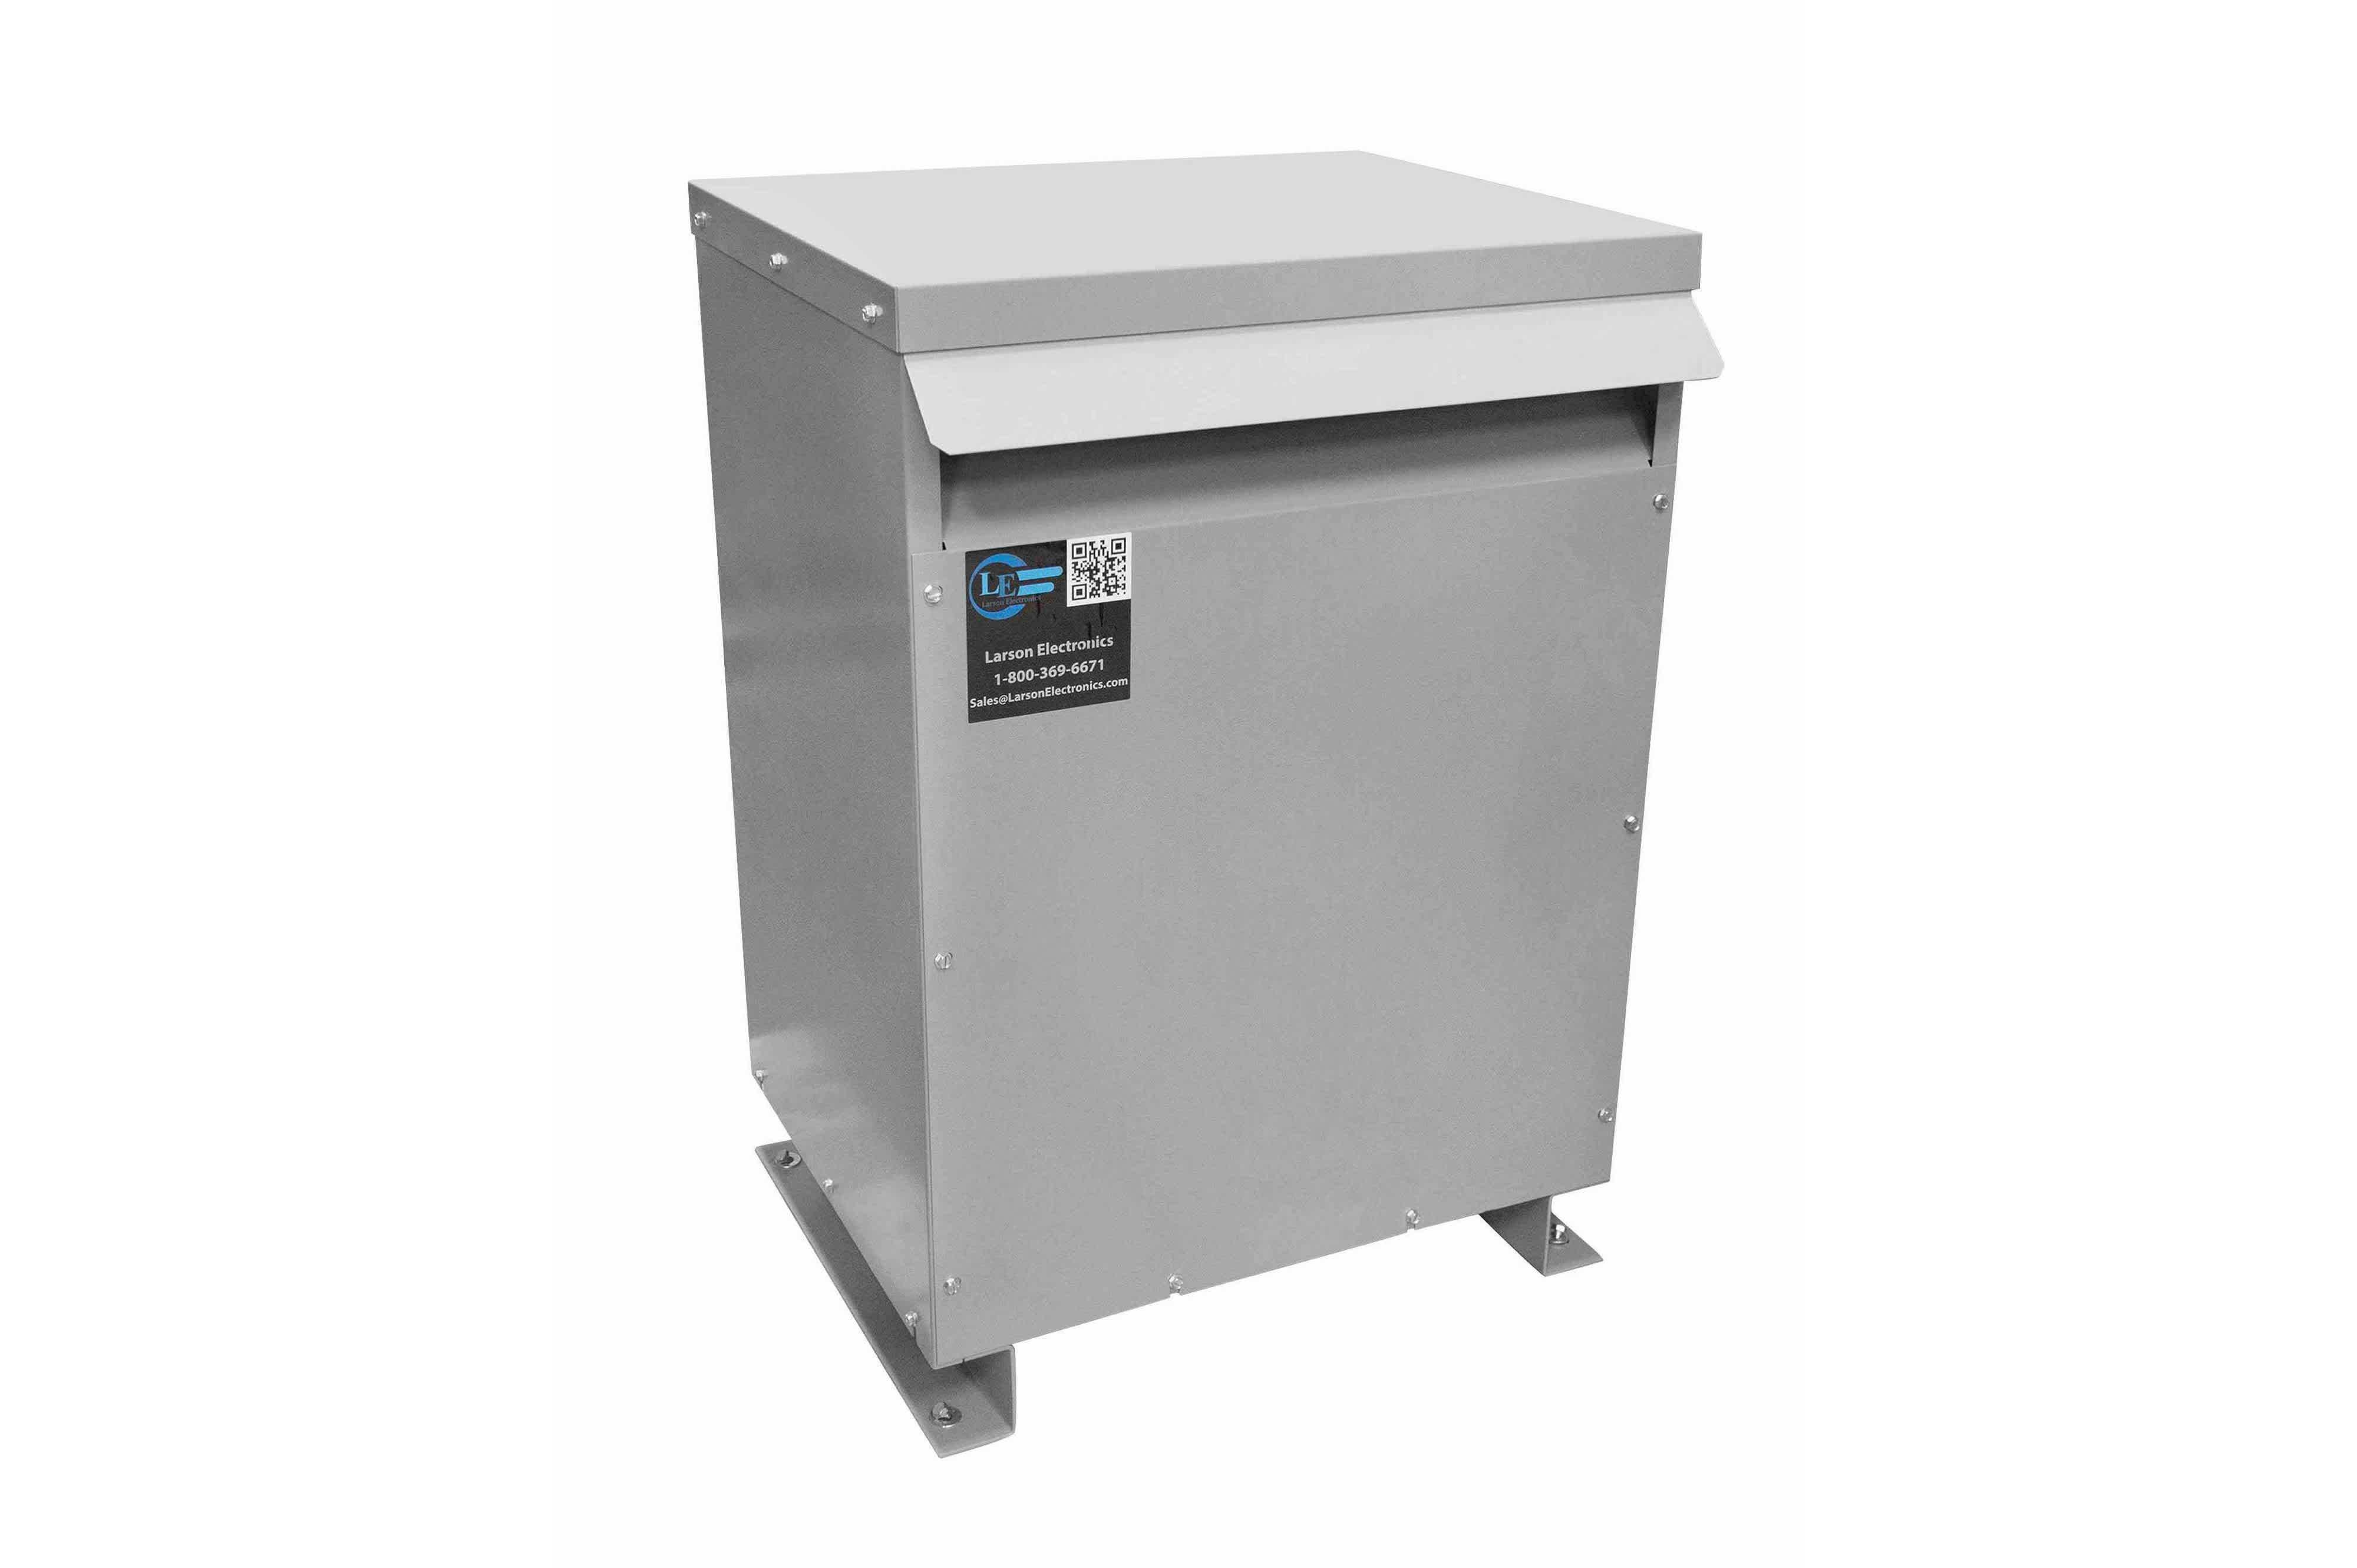 125 kVA 3PH Isolation Transformer, 600V Delta Primary, 208V Delta Secondary, N3R, Ventilated, 60 Hz